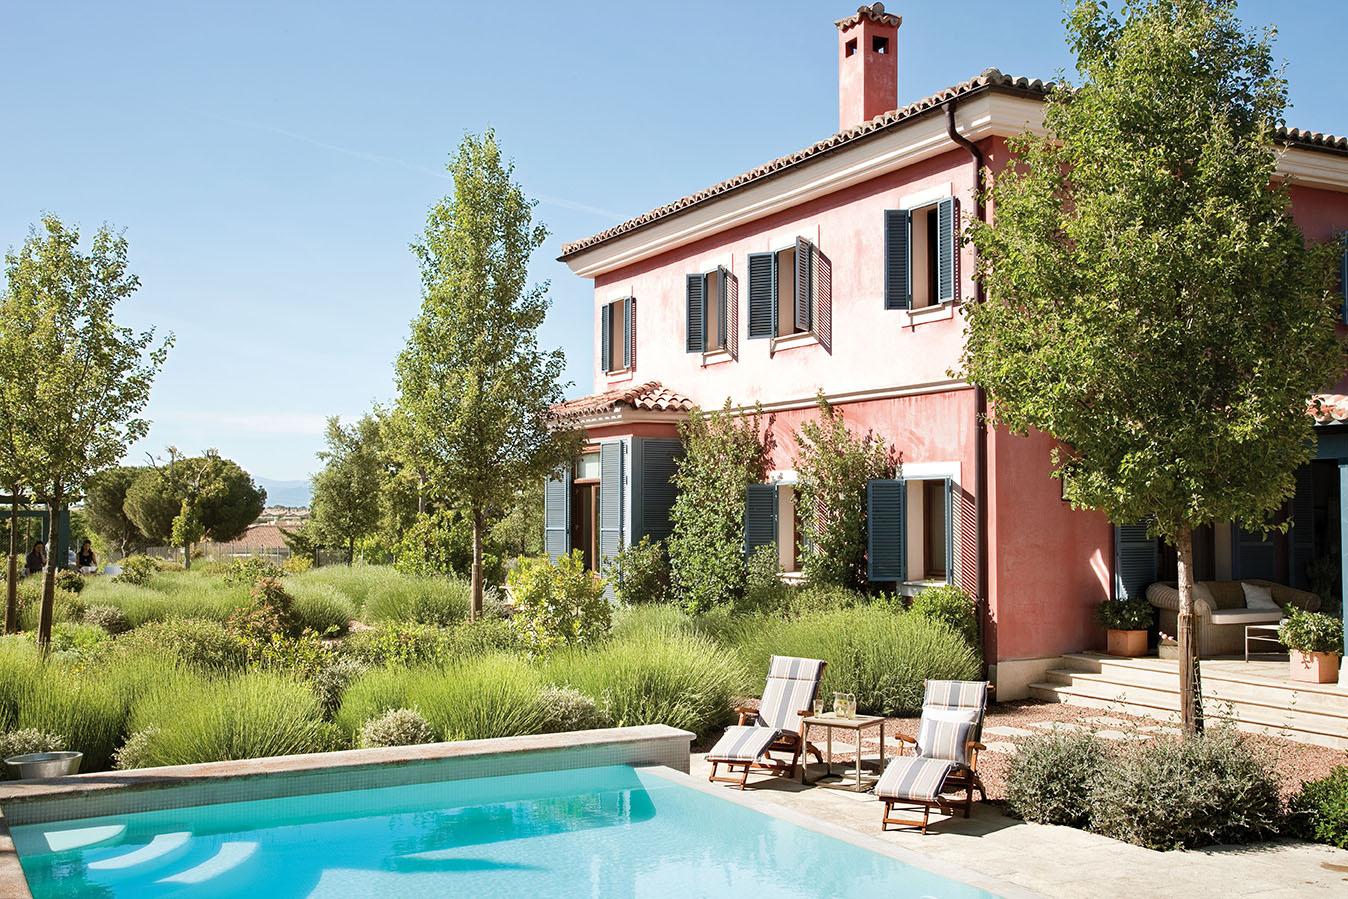 Fachada de casa italiana casas pequeas t estilo for Fachadas de casas modernas en italia